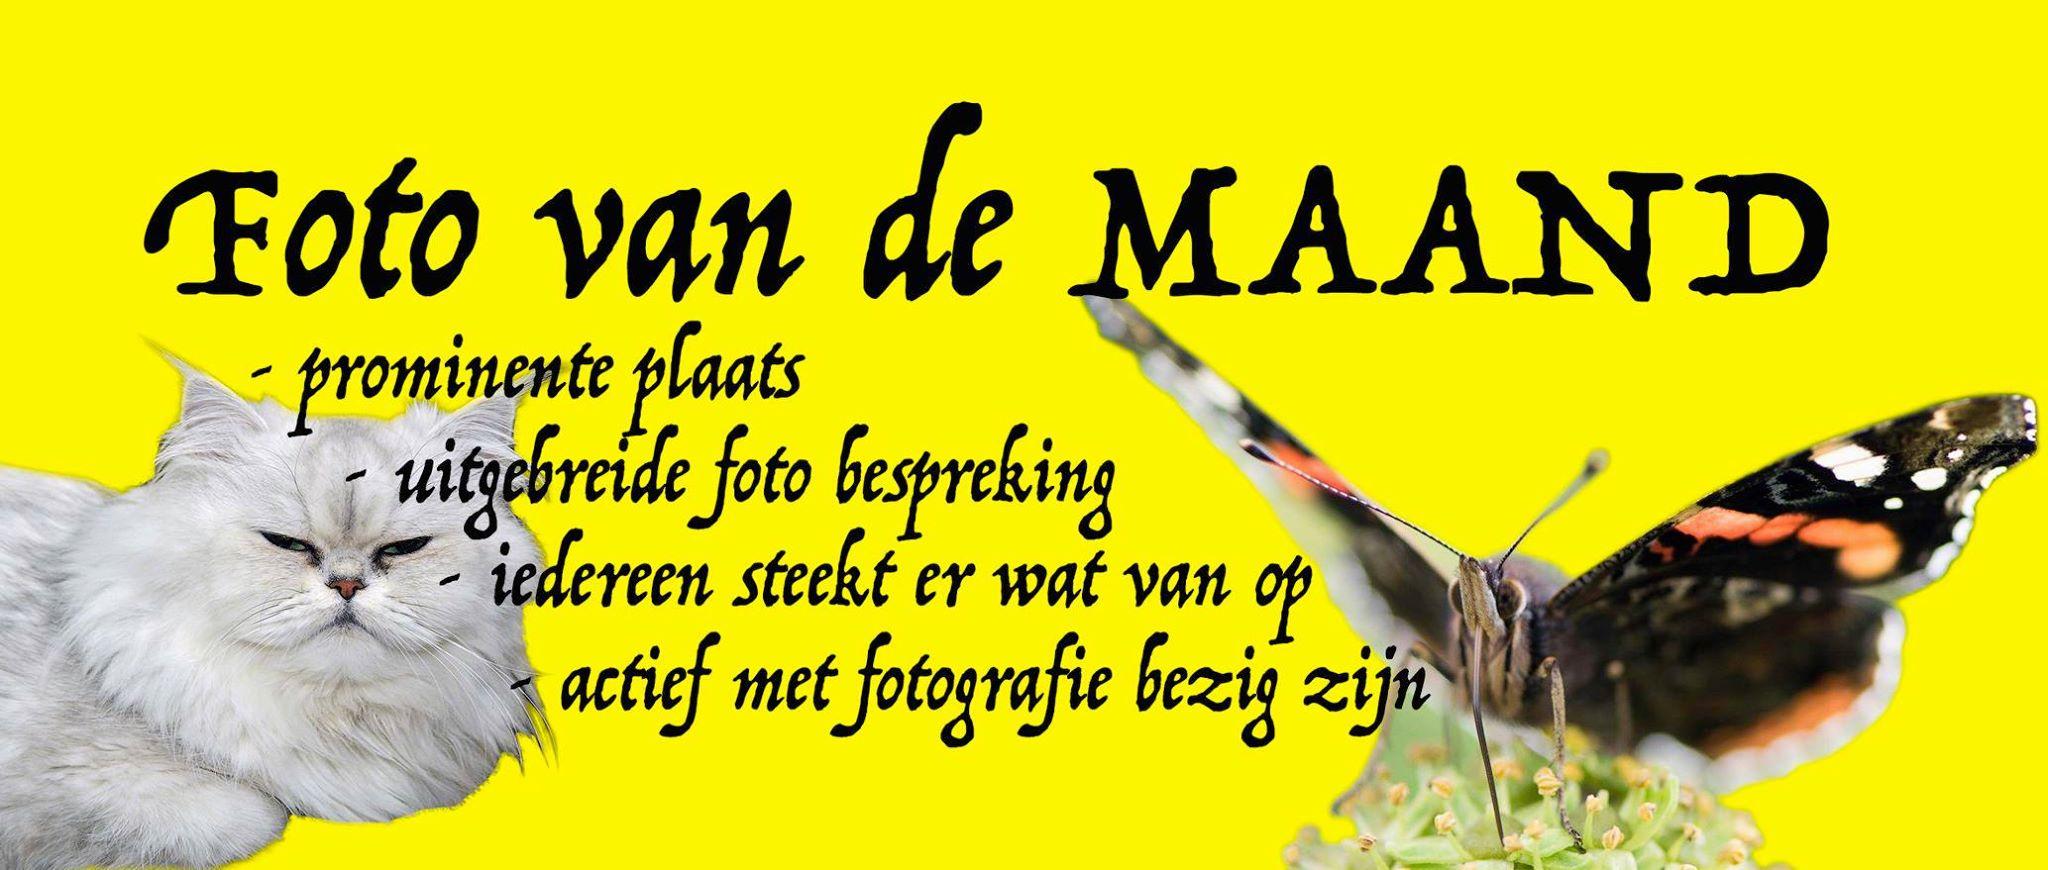 foto-van-de-maand-banner